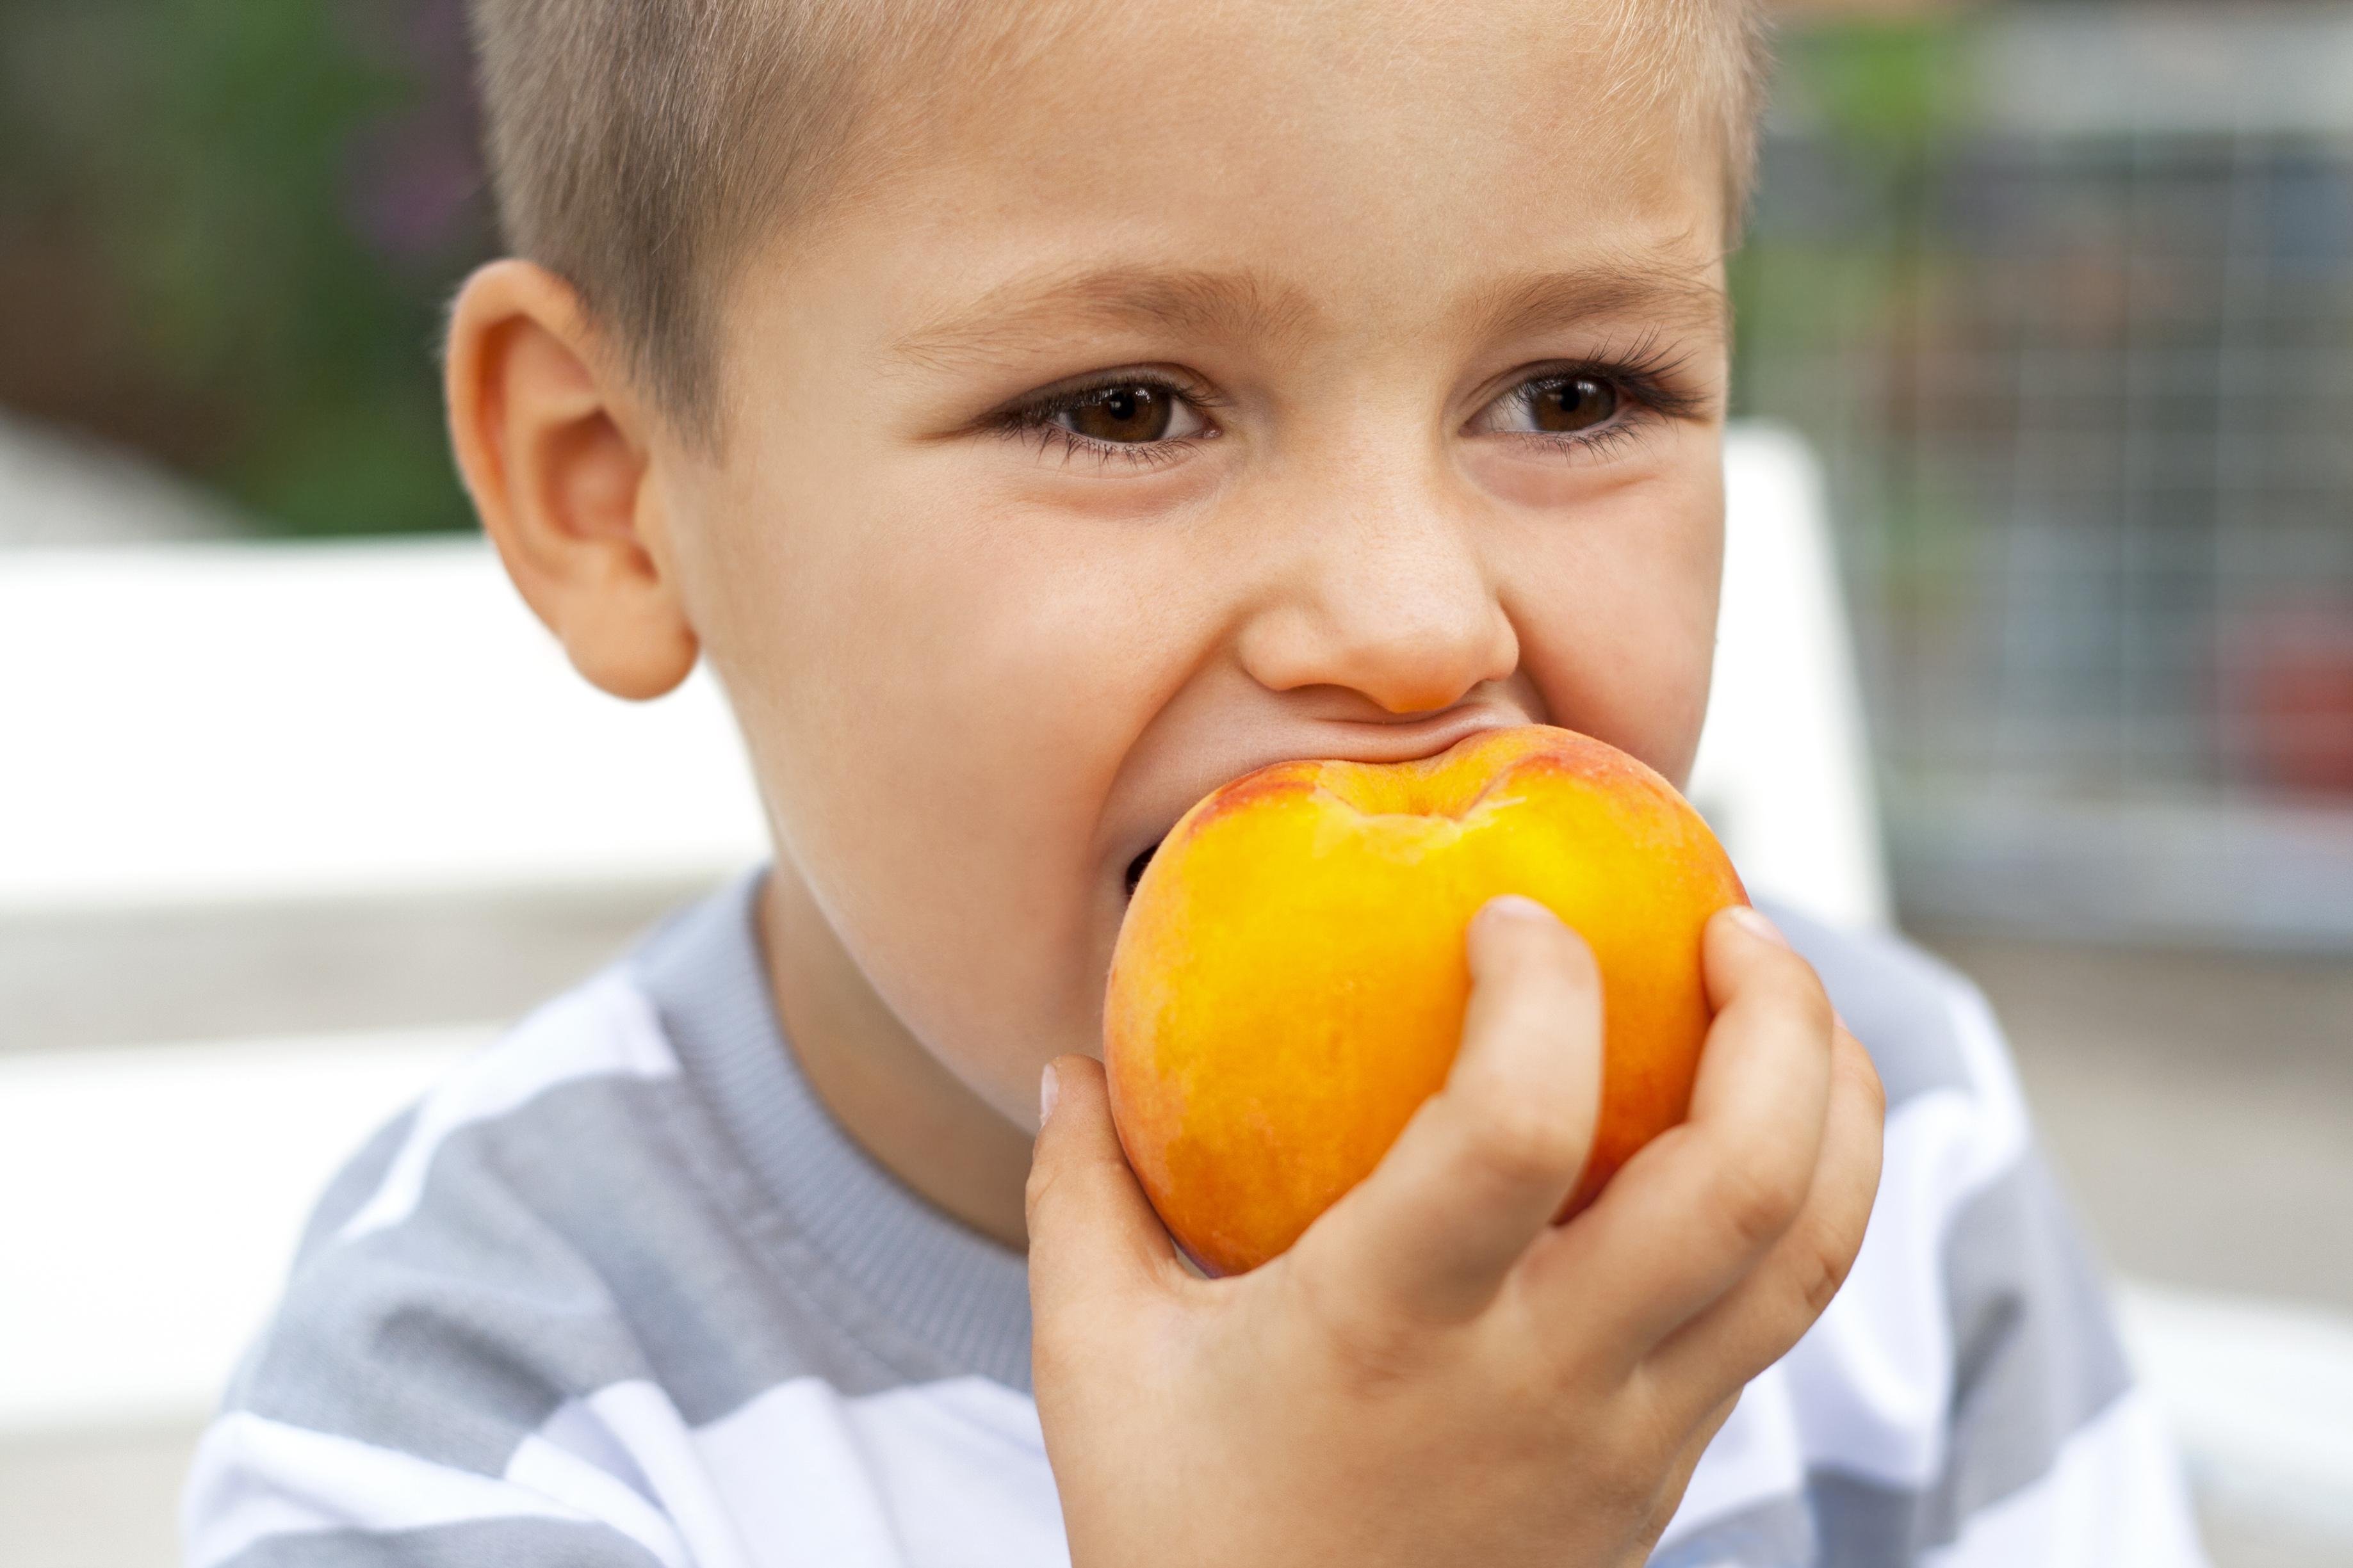 Niño comiendo un melocotón